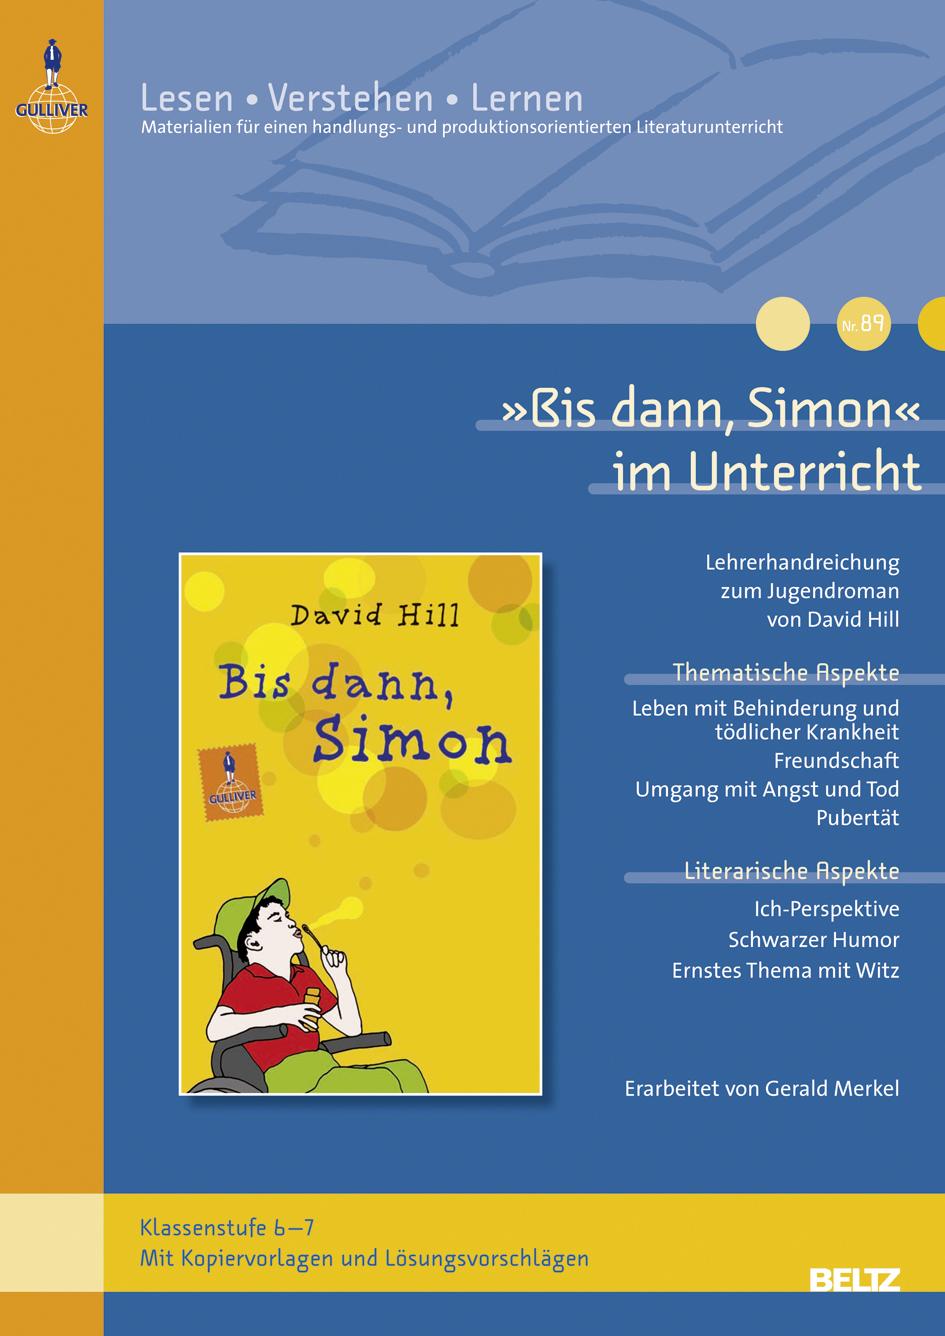 Bis dann, Simon« im Unterricht - Download | Lehrerhandreichung zum ...